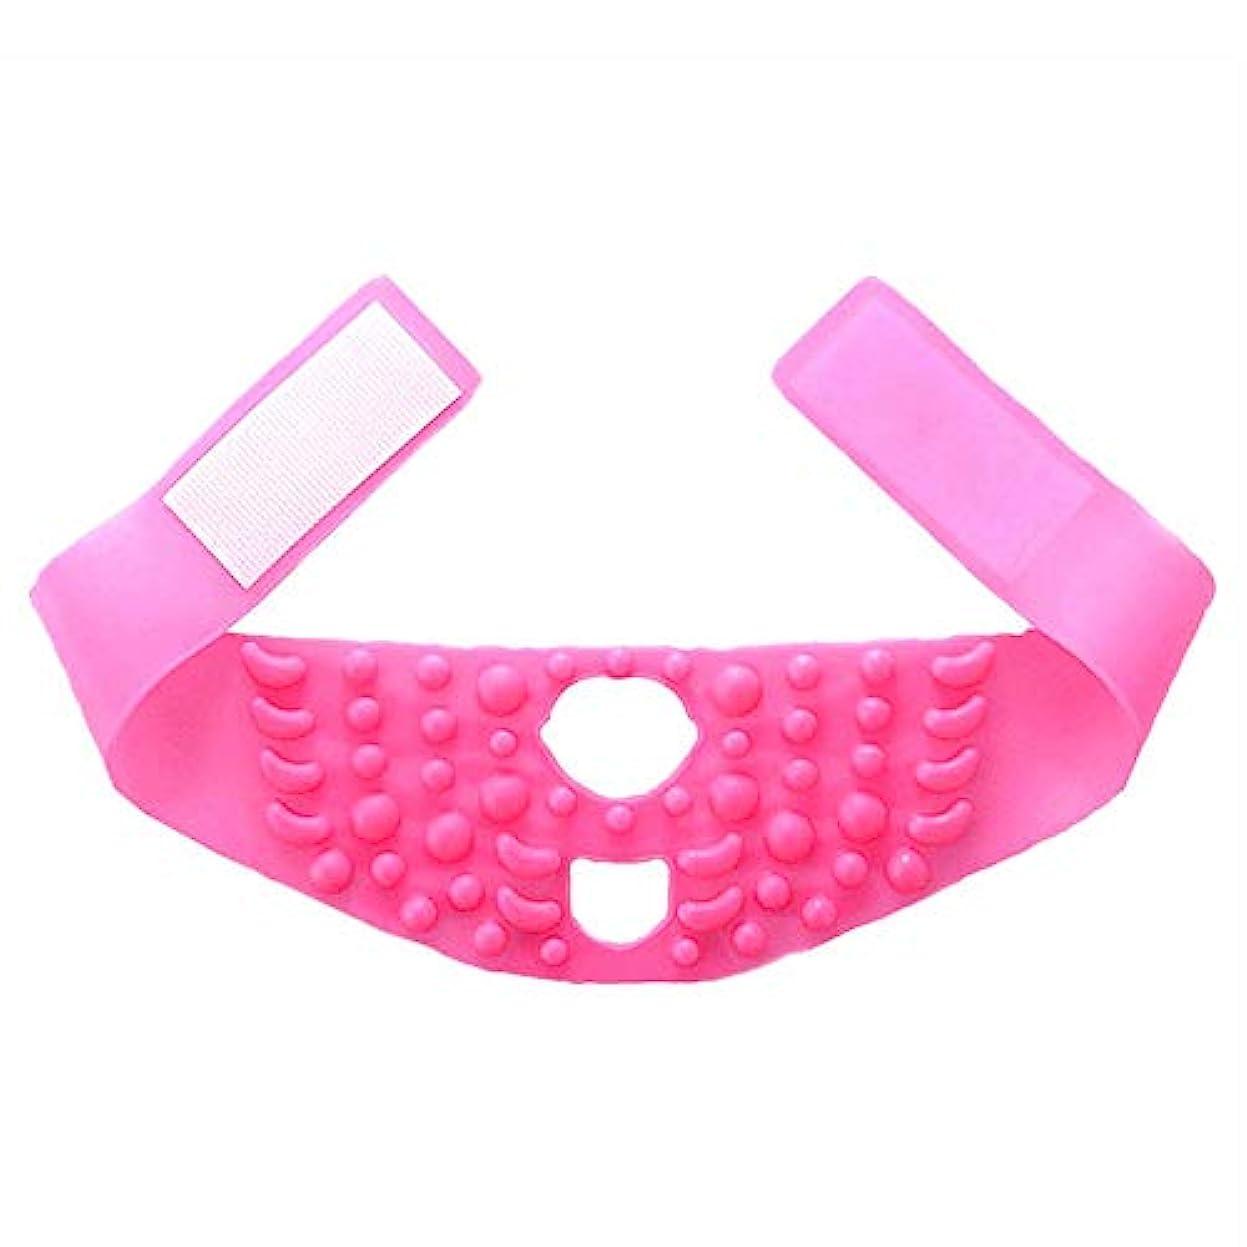 シリンダー関税ハードJia Jia- シンフェイスマスクシリコーンマッサージ引き締まった形の小さなVフェイスリフティングに薄いフェイスアーティファクト包帯を飾る - ピンク 顔面包帯